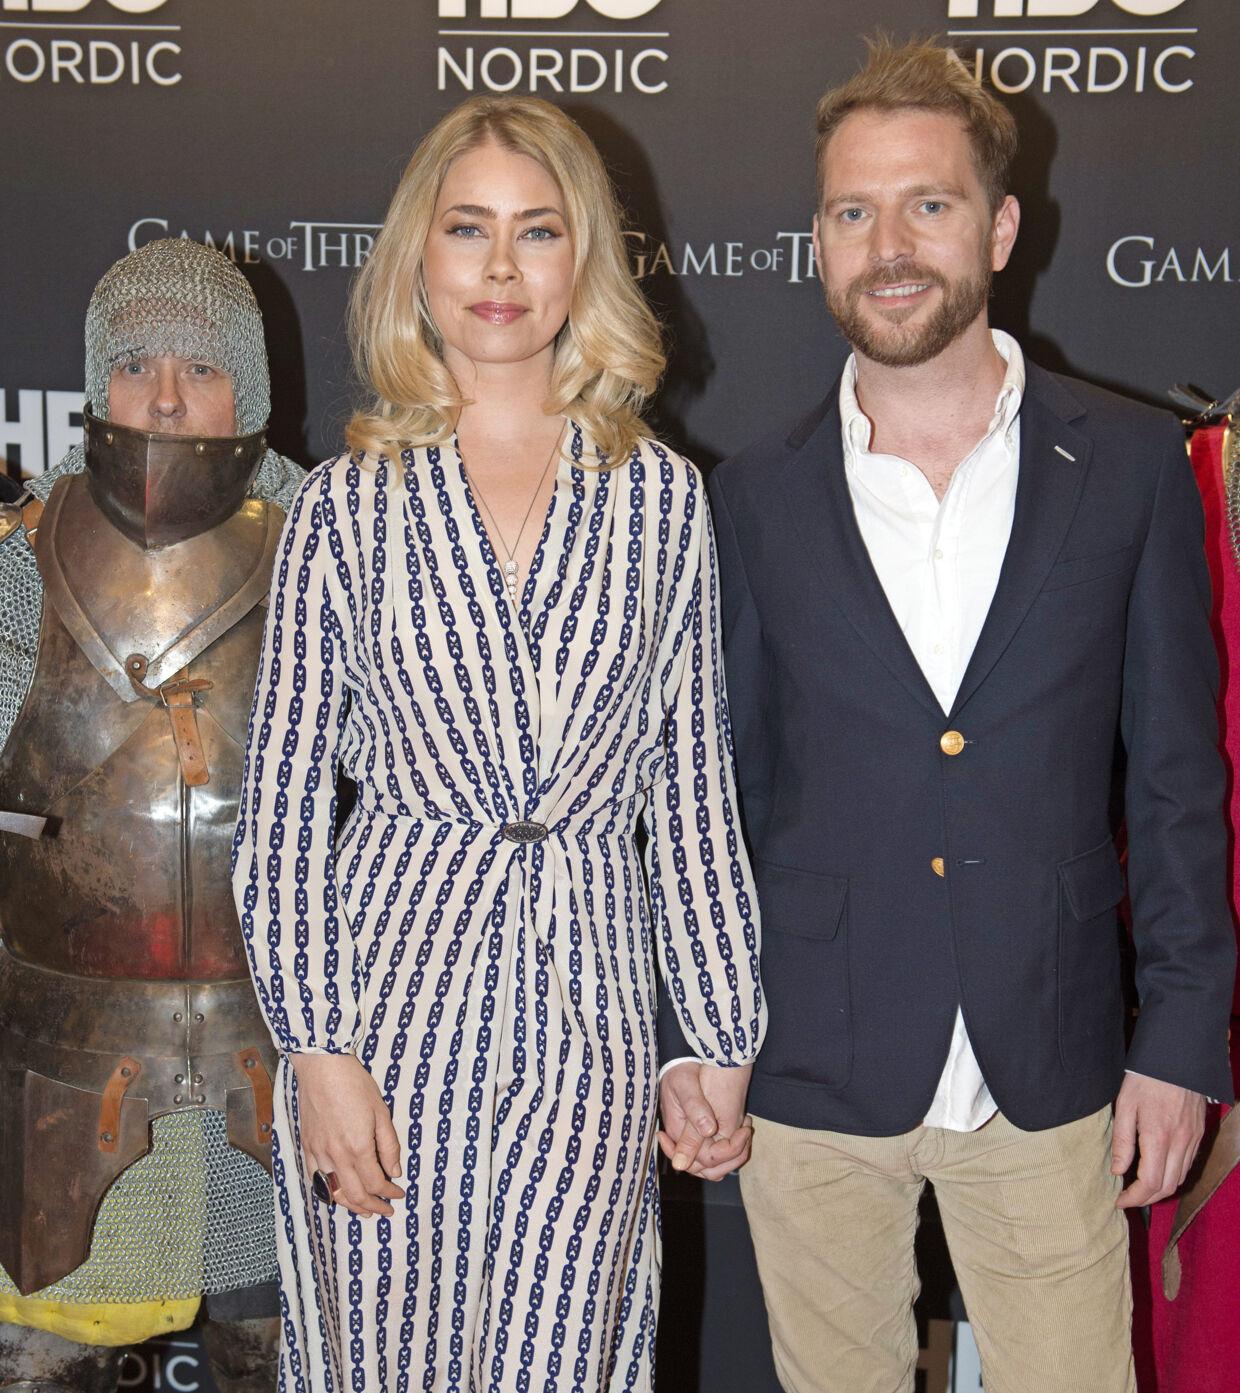 Galla i forbindelse med femte sæson af 'Games of Thrones'. Her er Birgitte Hjort Sørensen sammen med kæresten journalist Mikkel Frey Damgaard. Foto Unger Anthon